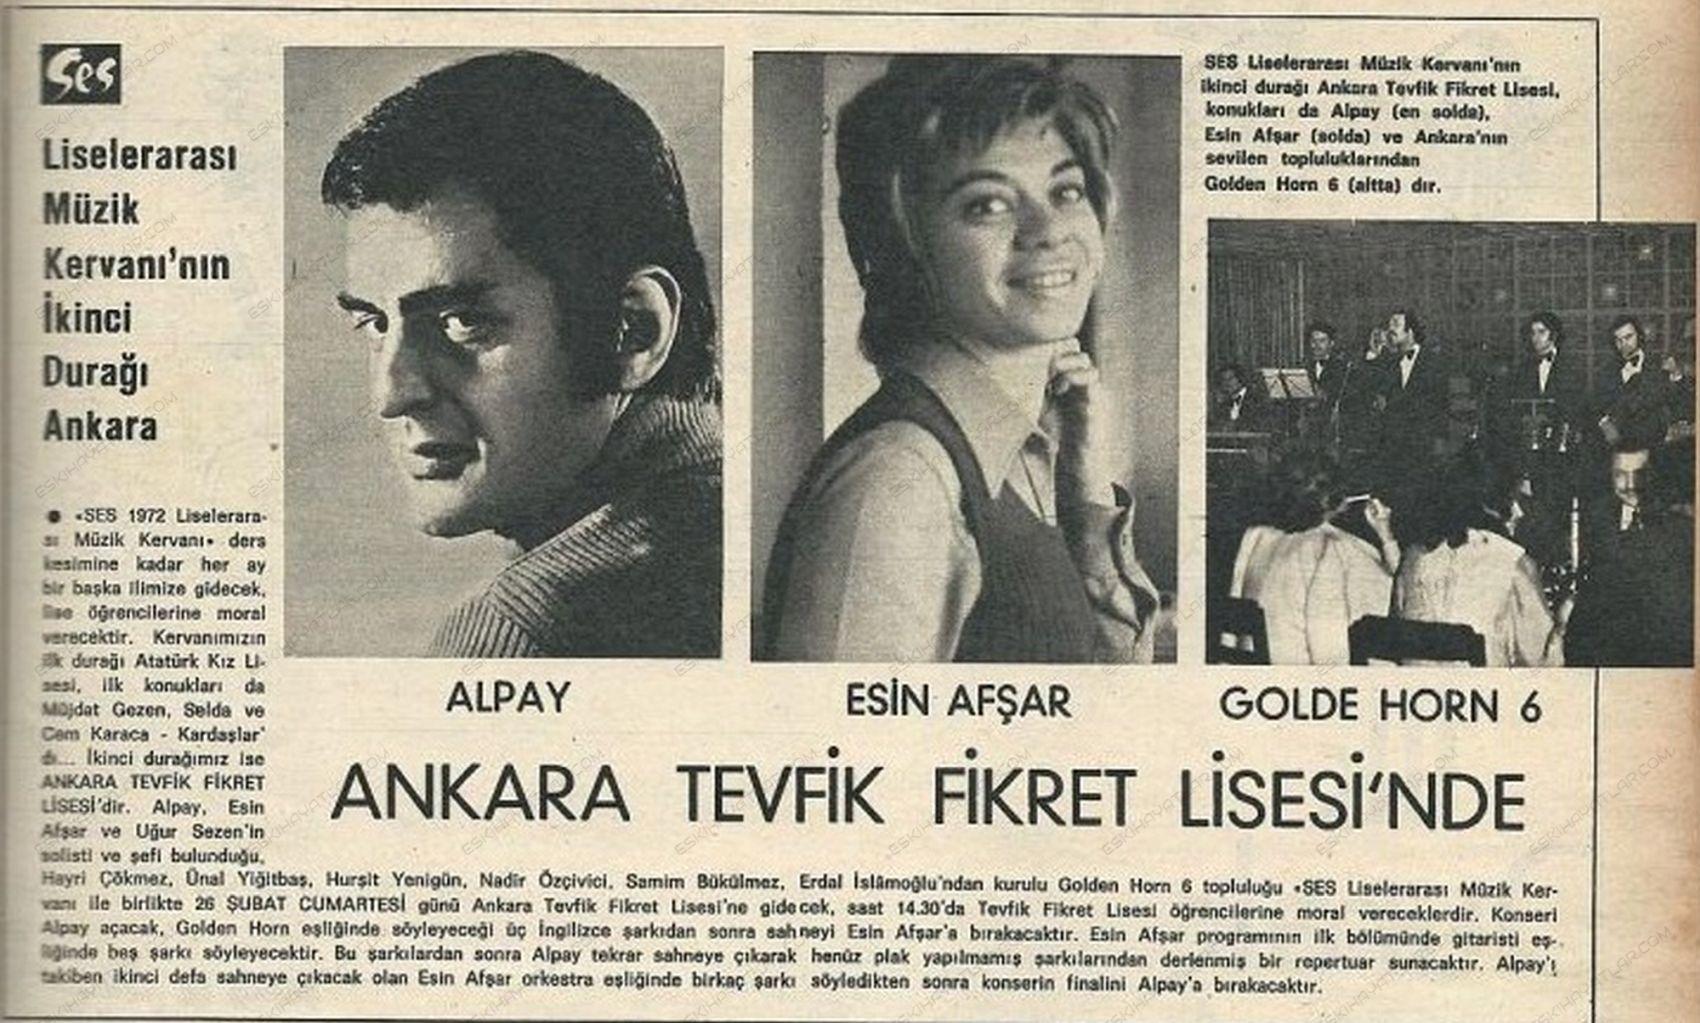 0121-liselerarasi-muzik-yarismasi-1972-ses-dergisi-cem-karaca-esin-afsar-selda-bagcan-konser-fotograflari-muzik-kervani (10)